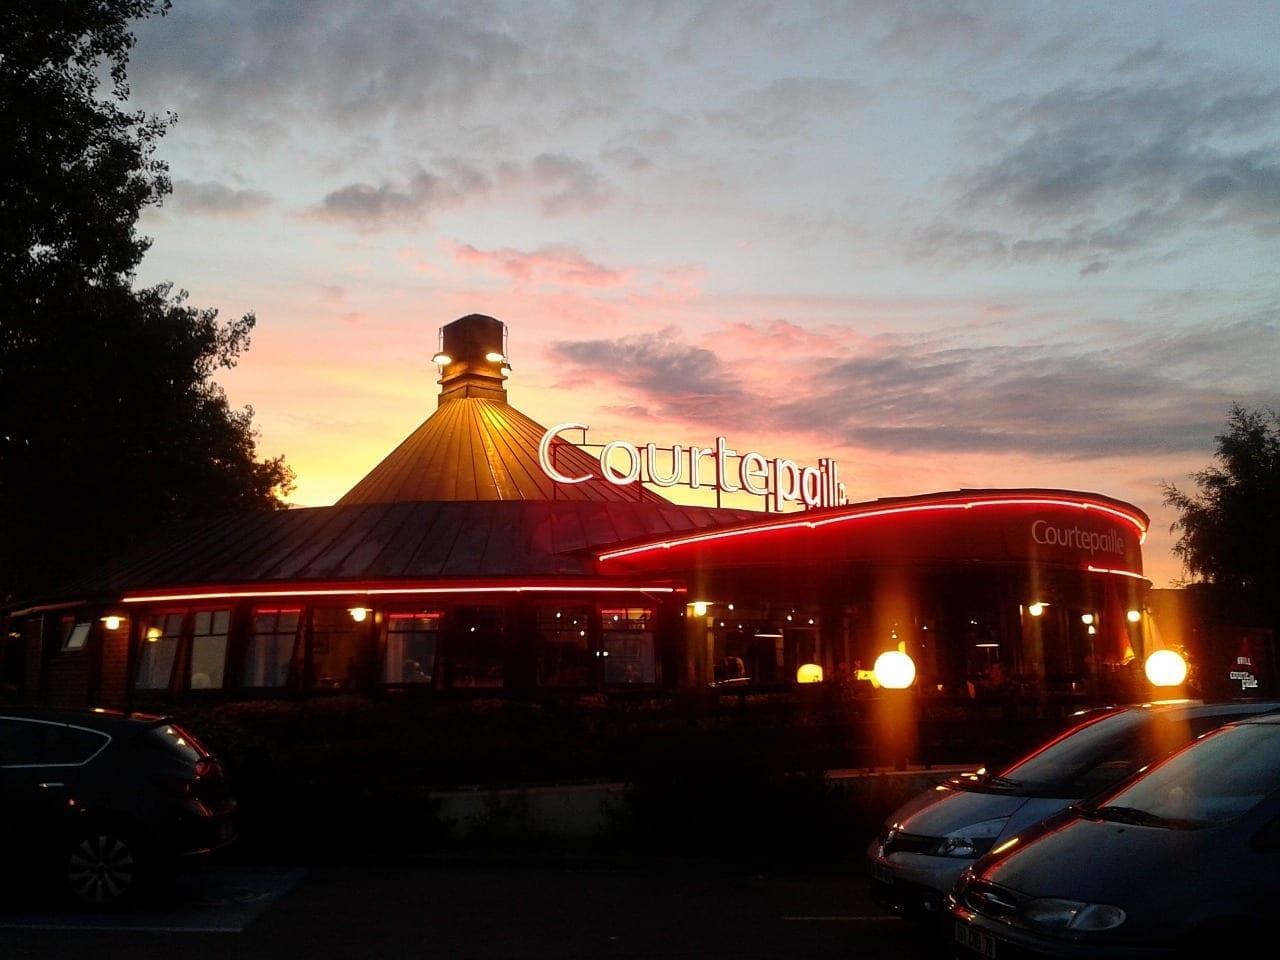 Courtepaille Rouen Normandía Francia